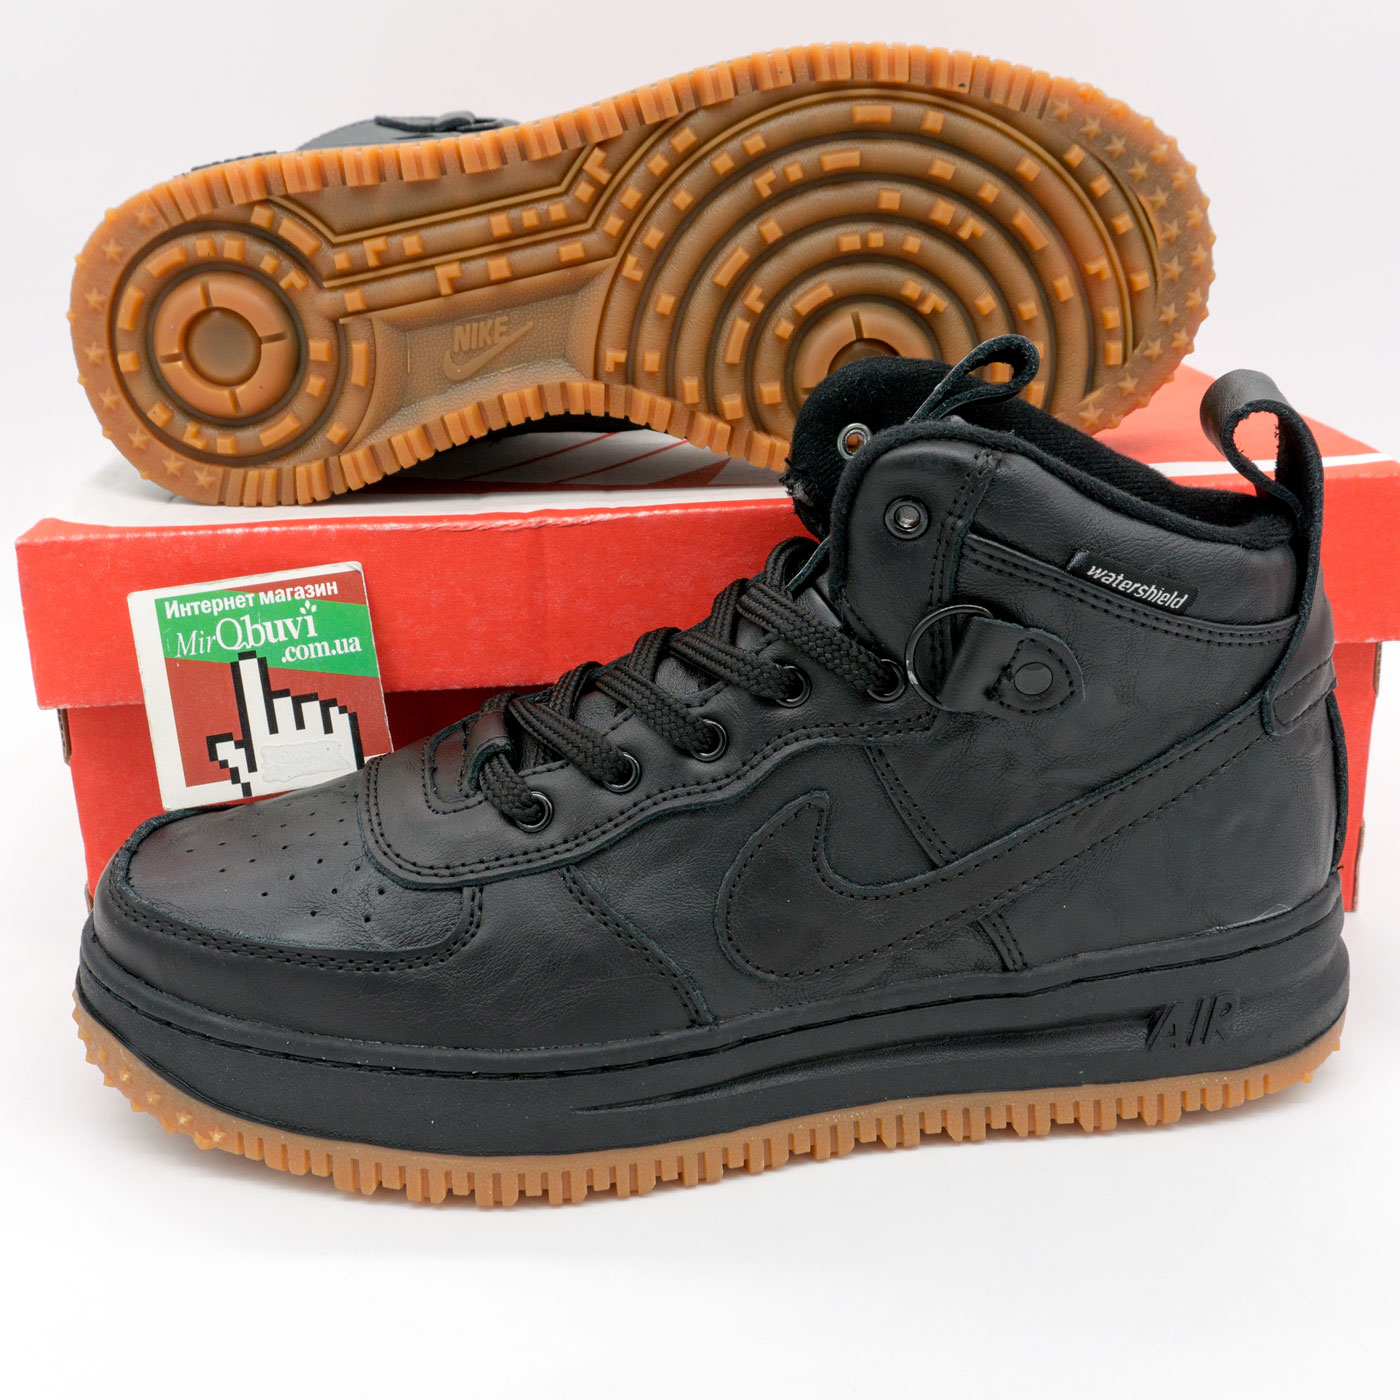 фото bottom Высокие кроссовки Nike Lunar Force 1 черные bottom